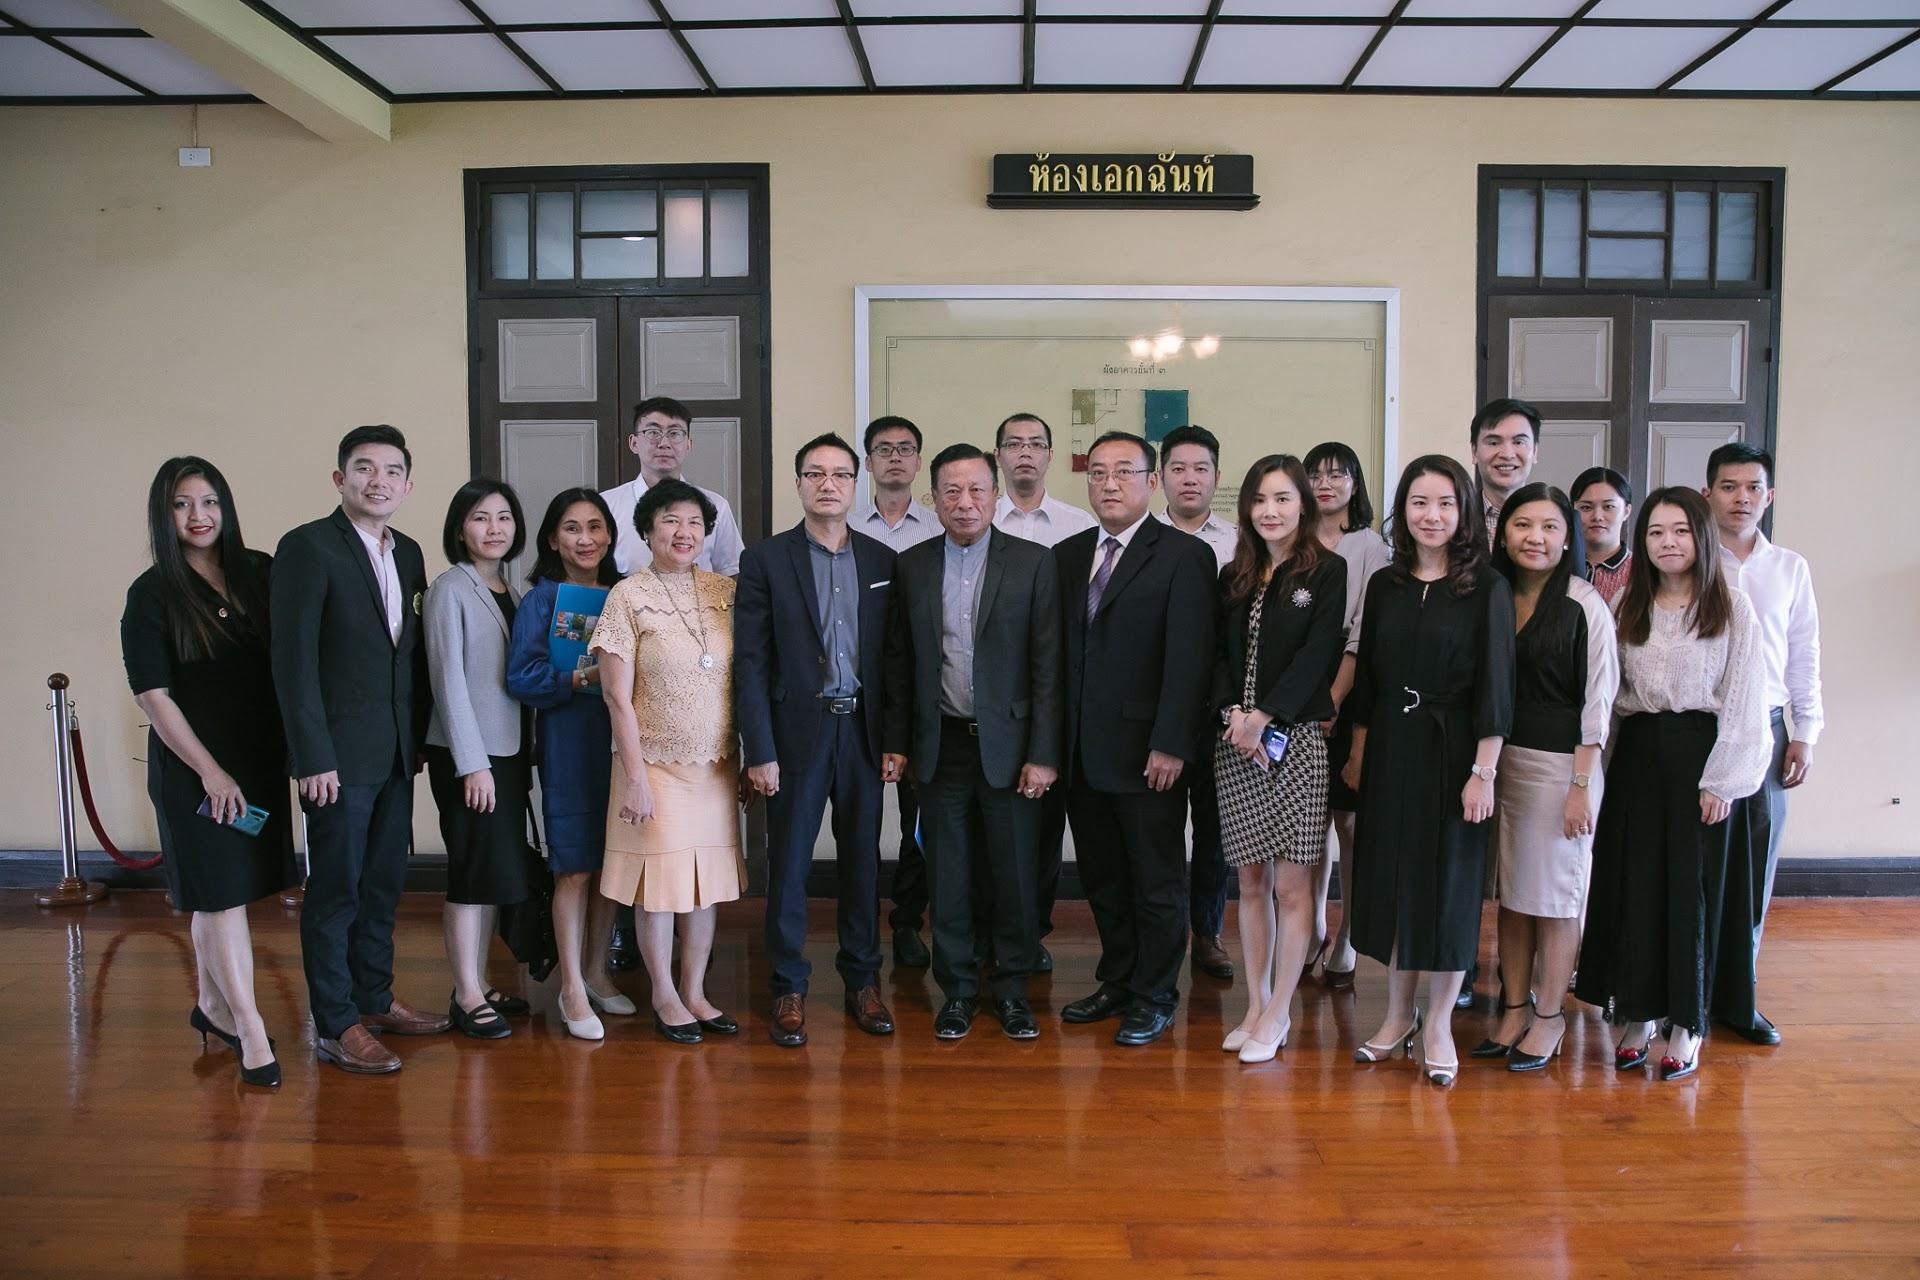 เจรจาความร่วมมือทางวิชาการ Cunjin Education Group